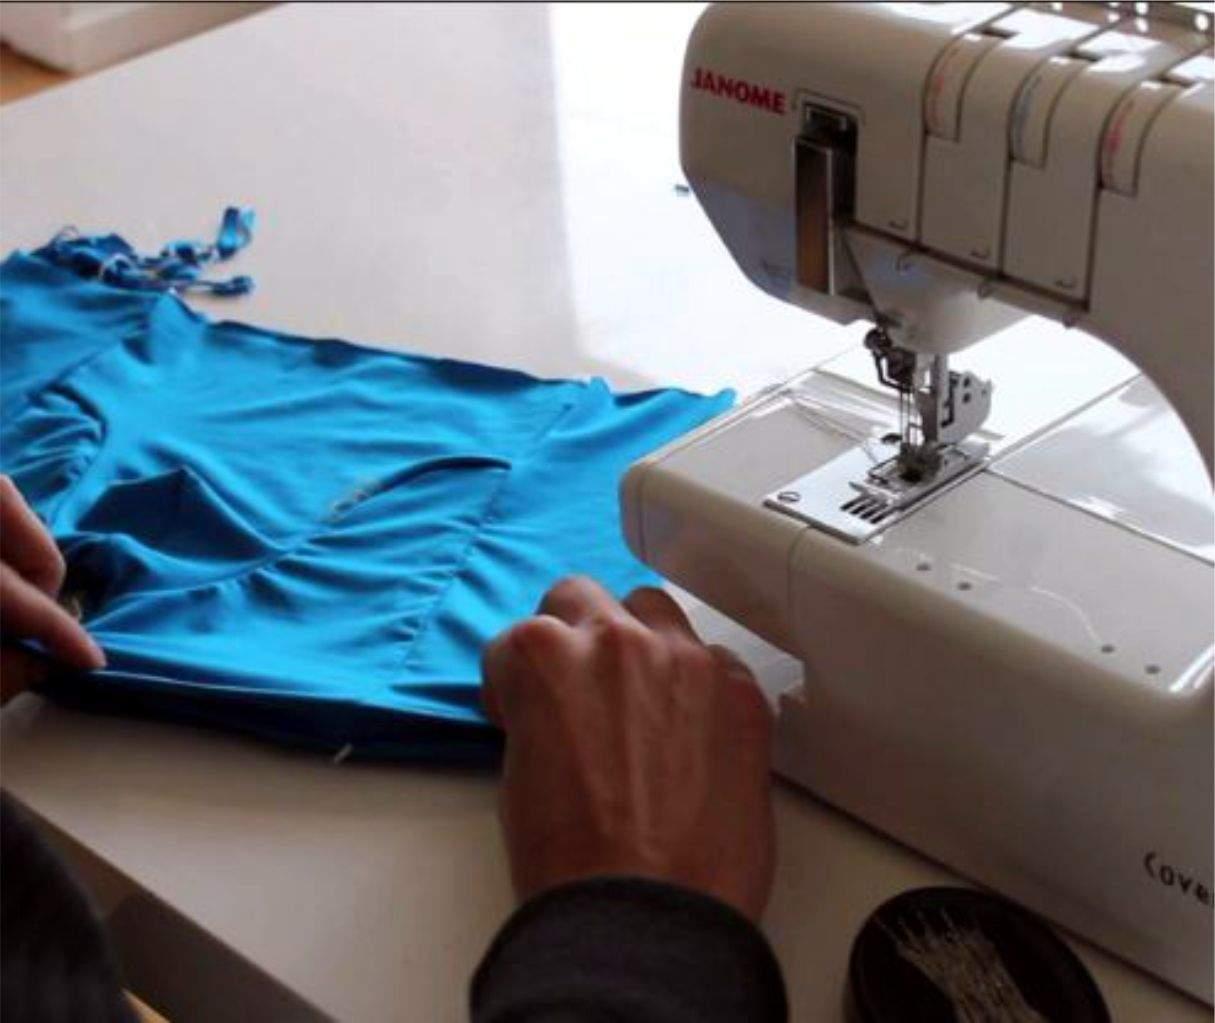 best singer sewing machine 2016